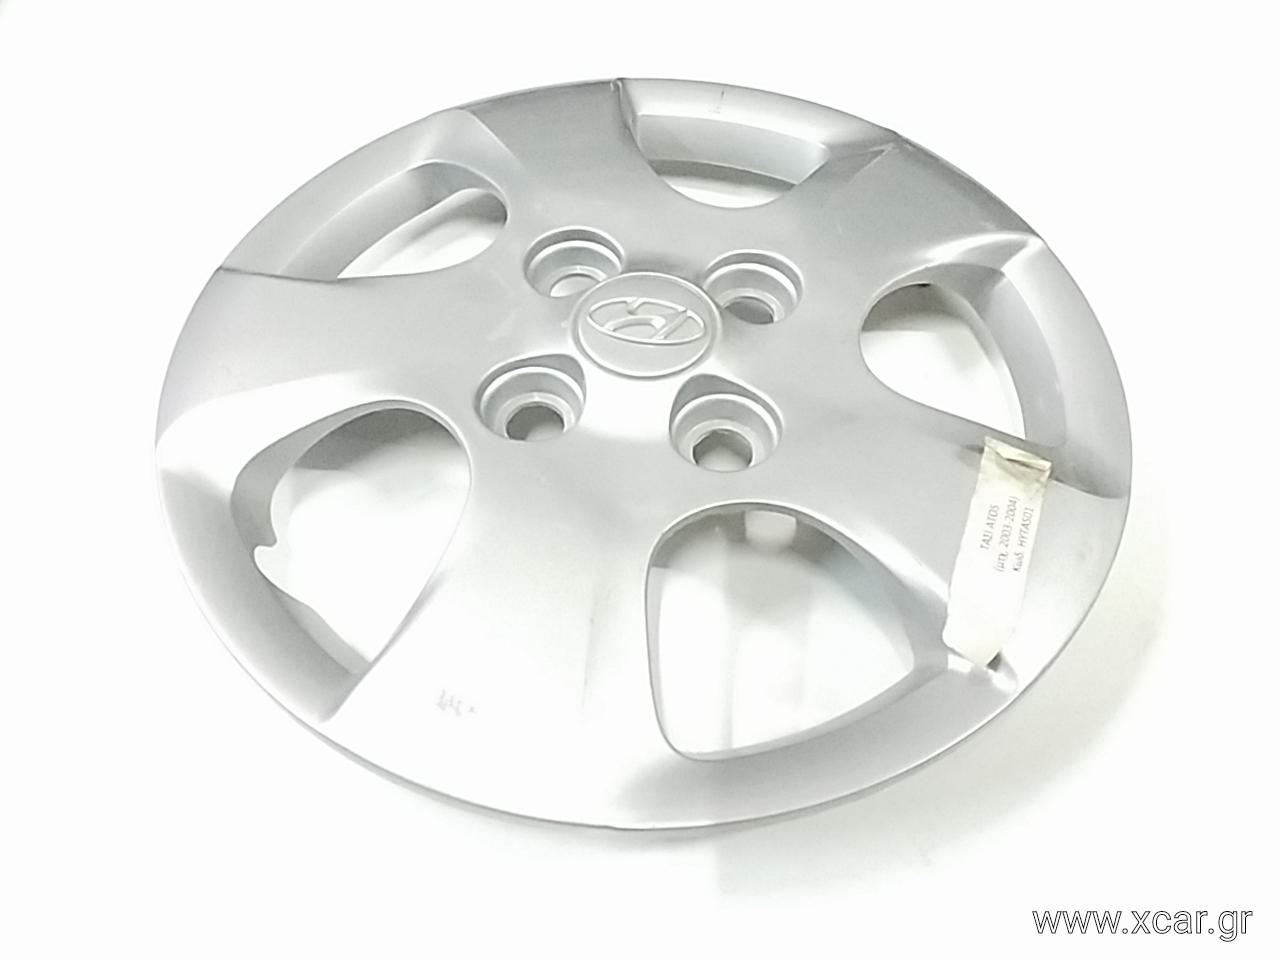 Τάσια Ζάντας HYUNDAI ATOS PRIME Hatchback / 5dr 2003 - 2007 ( MX  } 1100  G4HD  petrol  59 #52960-05150